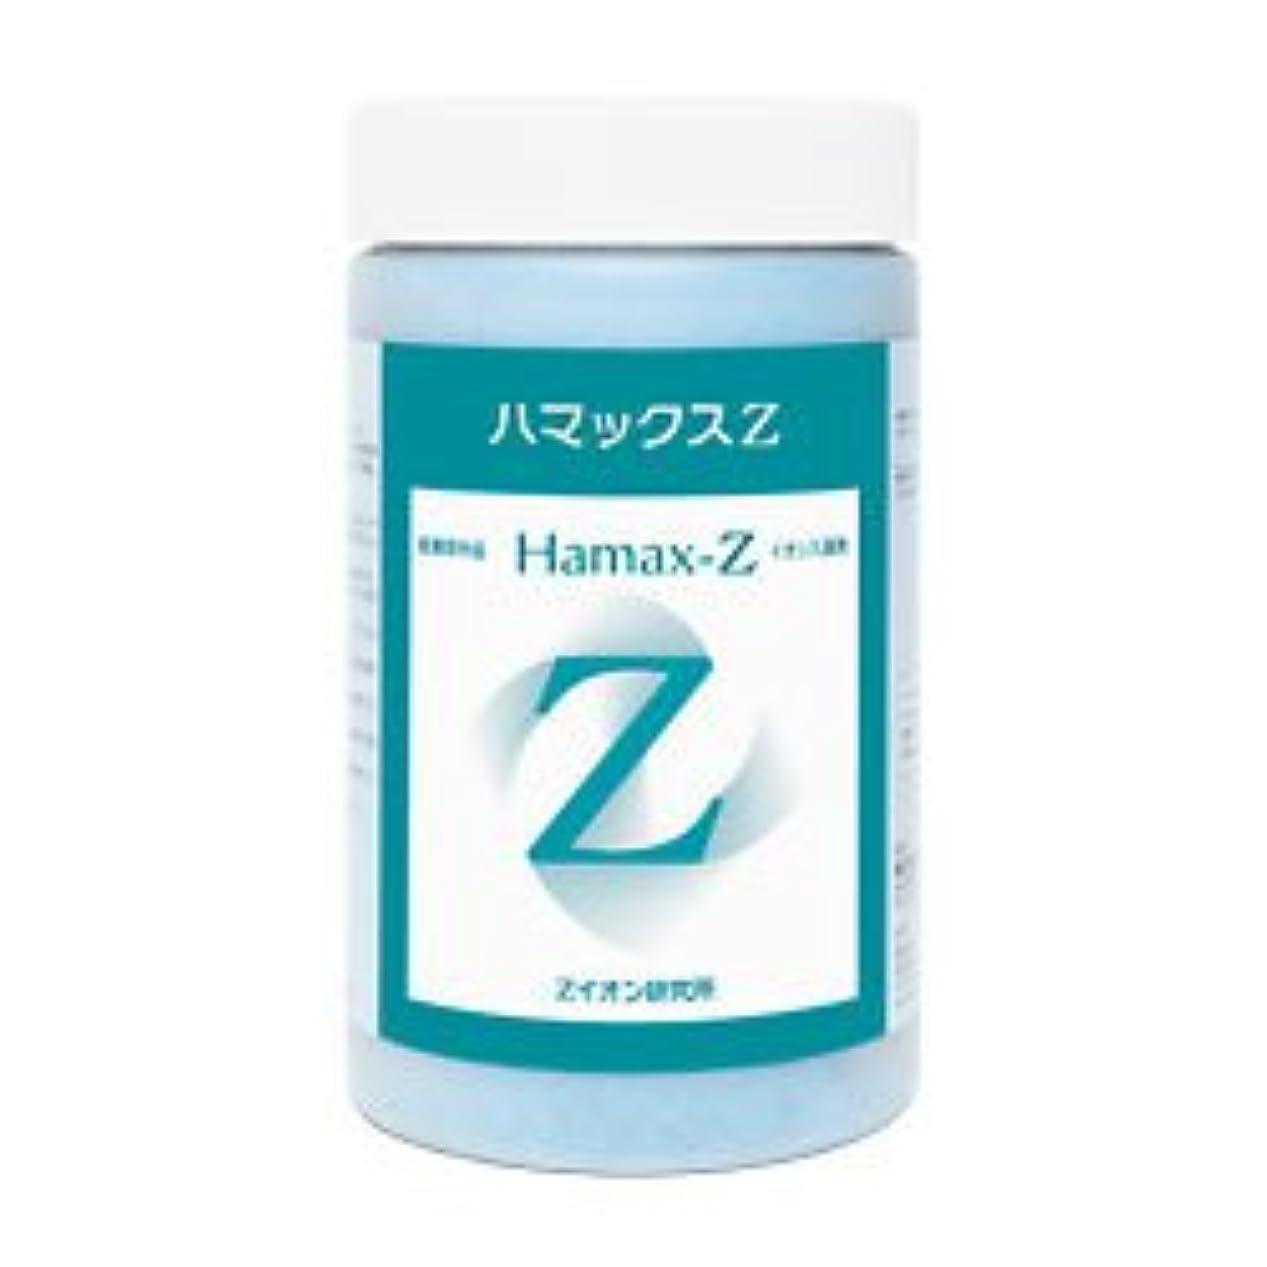 ピカリング太陽中で医薬部外品 イオン入湯剤ハマックスZ 700g